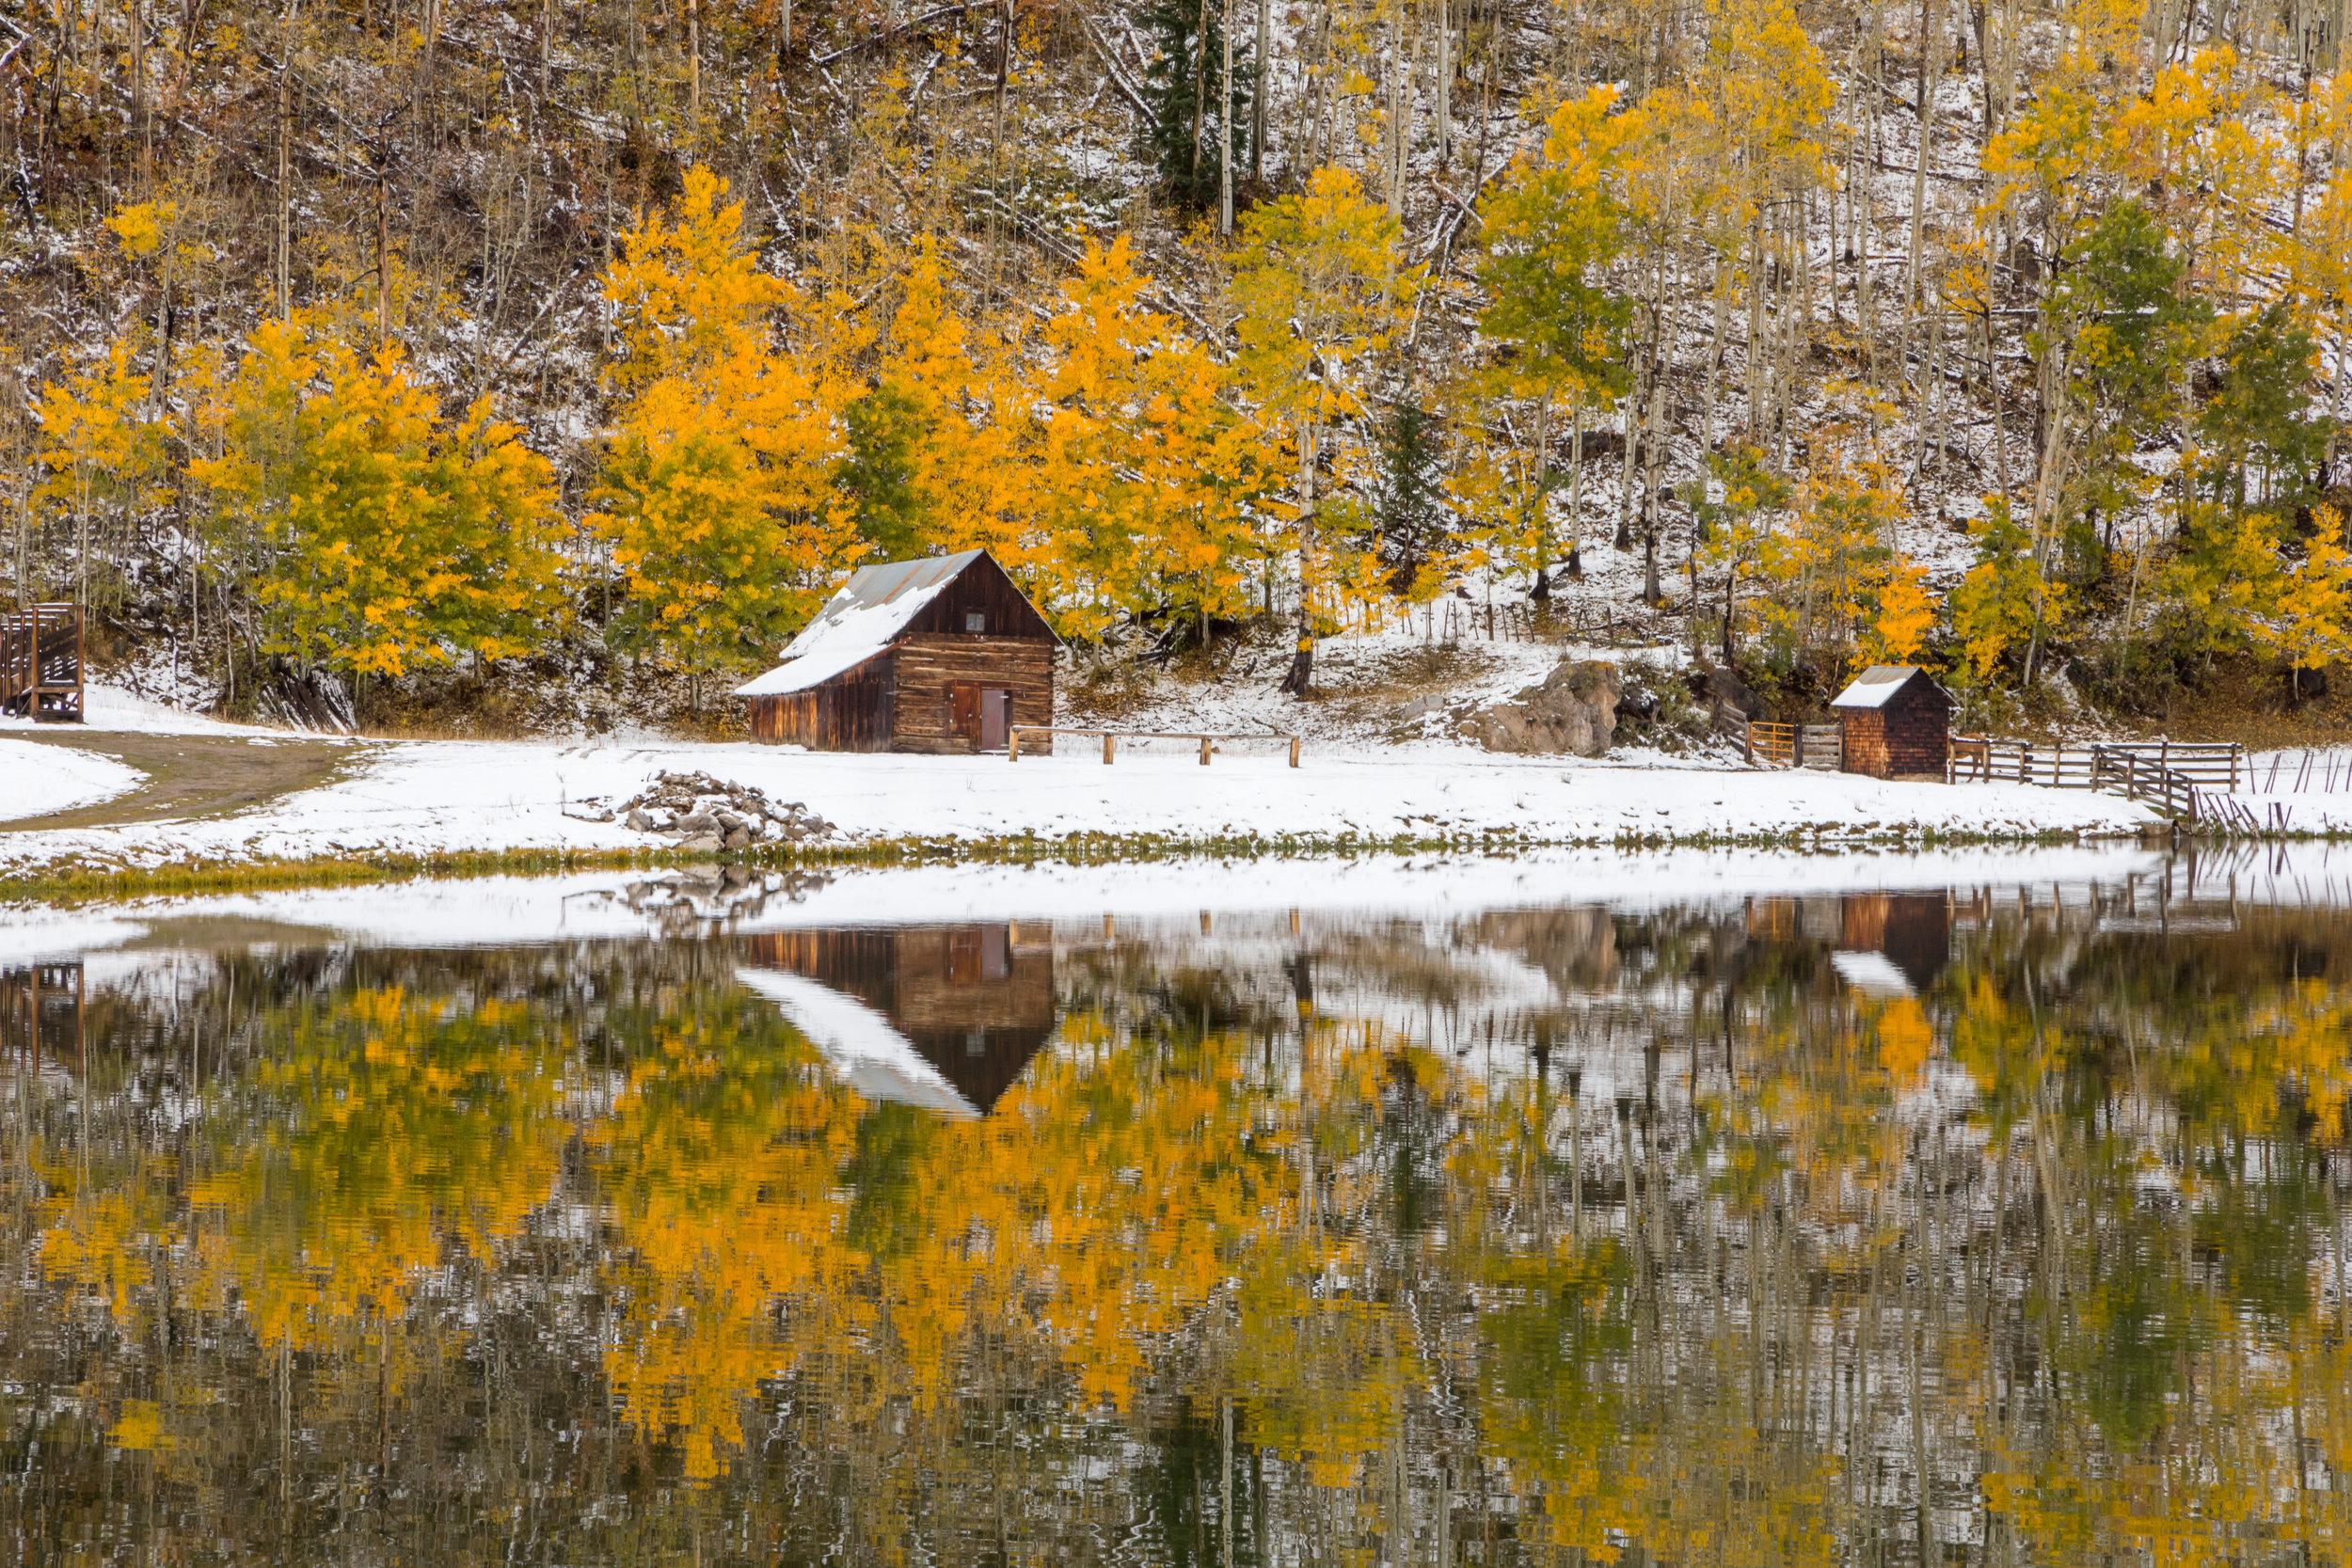 Hotter Pond, Image # 4905